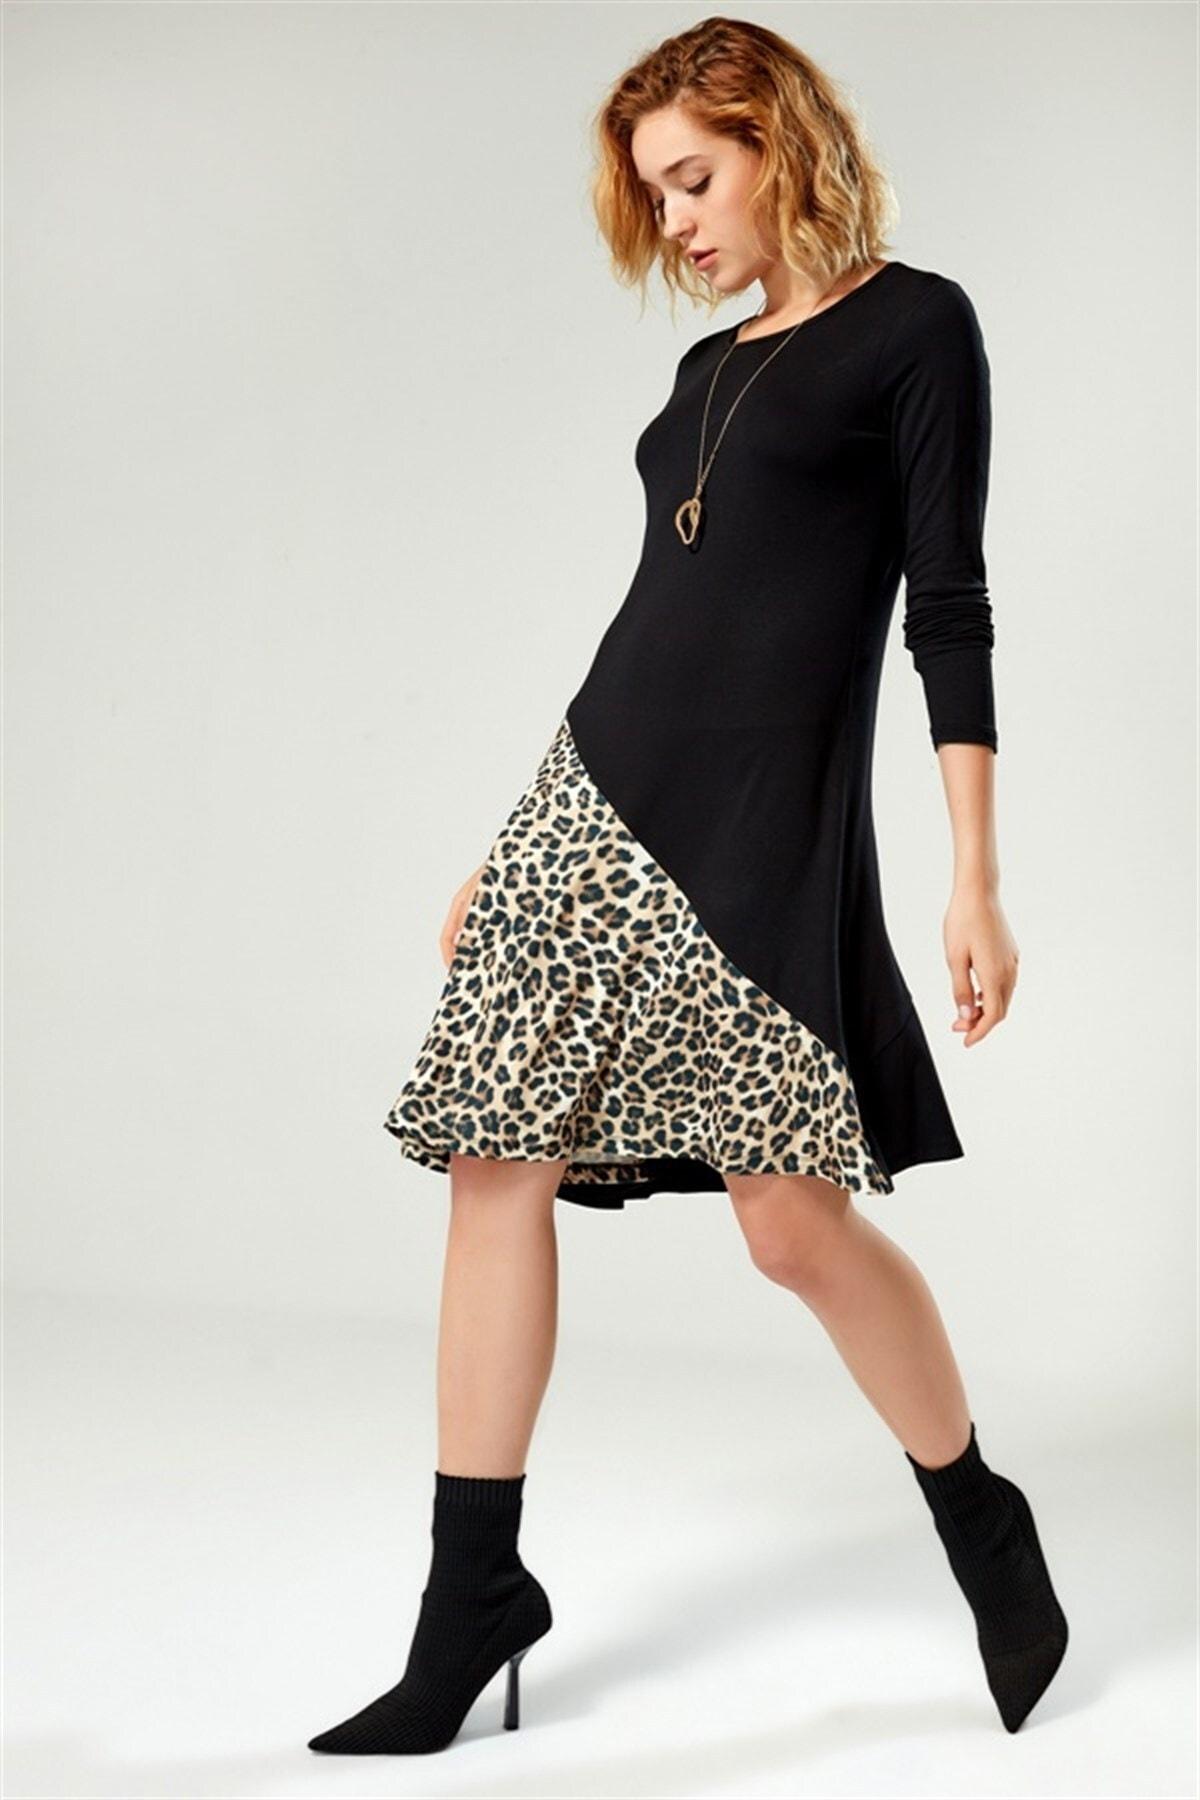 Boutiquen Kadın Siyah Eteği Leopar Desen Garnili Elbise 2157